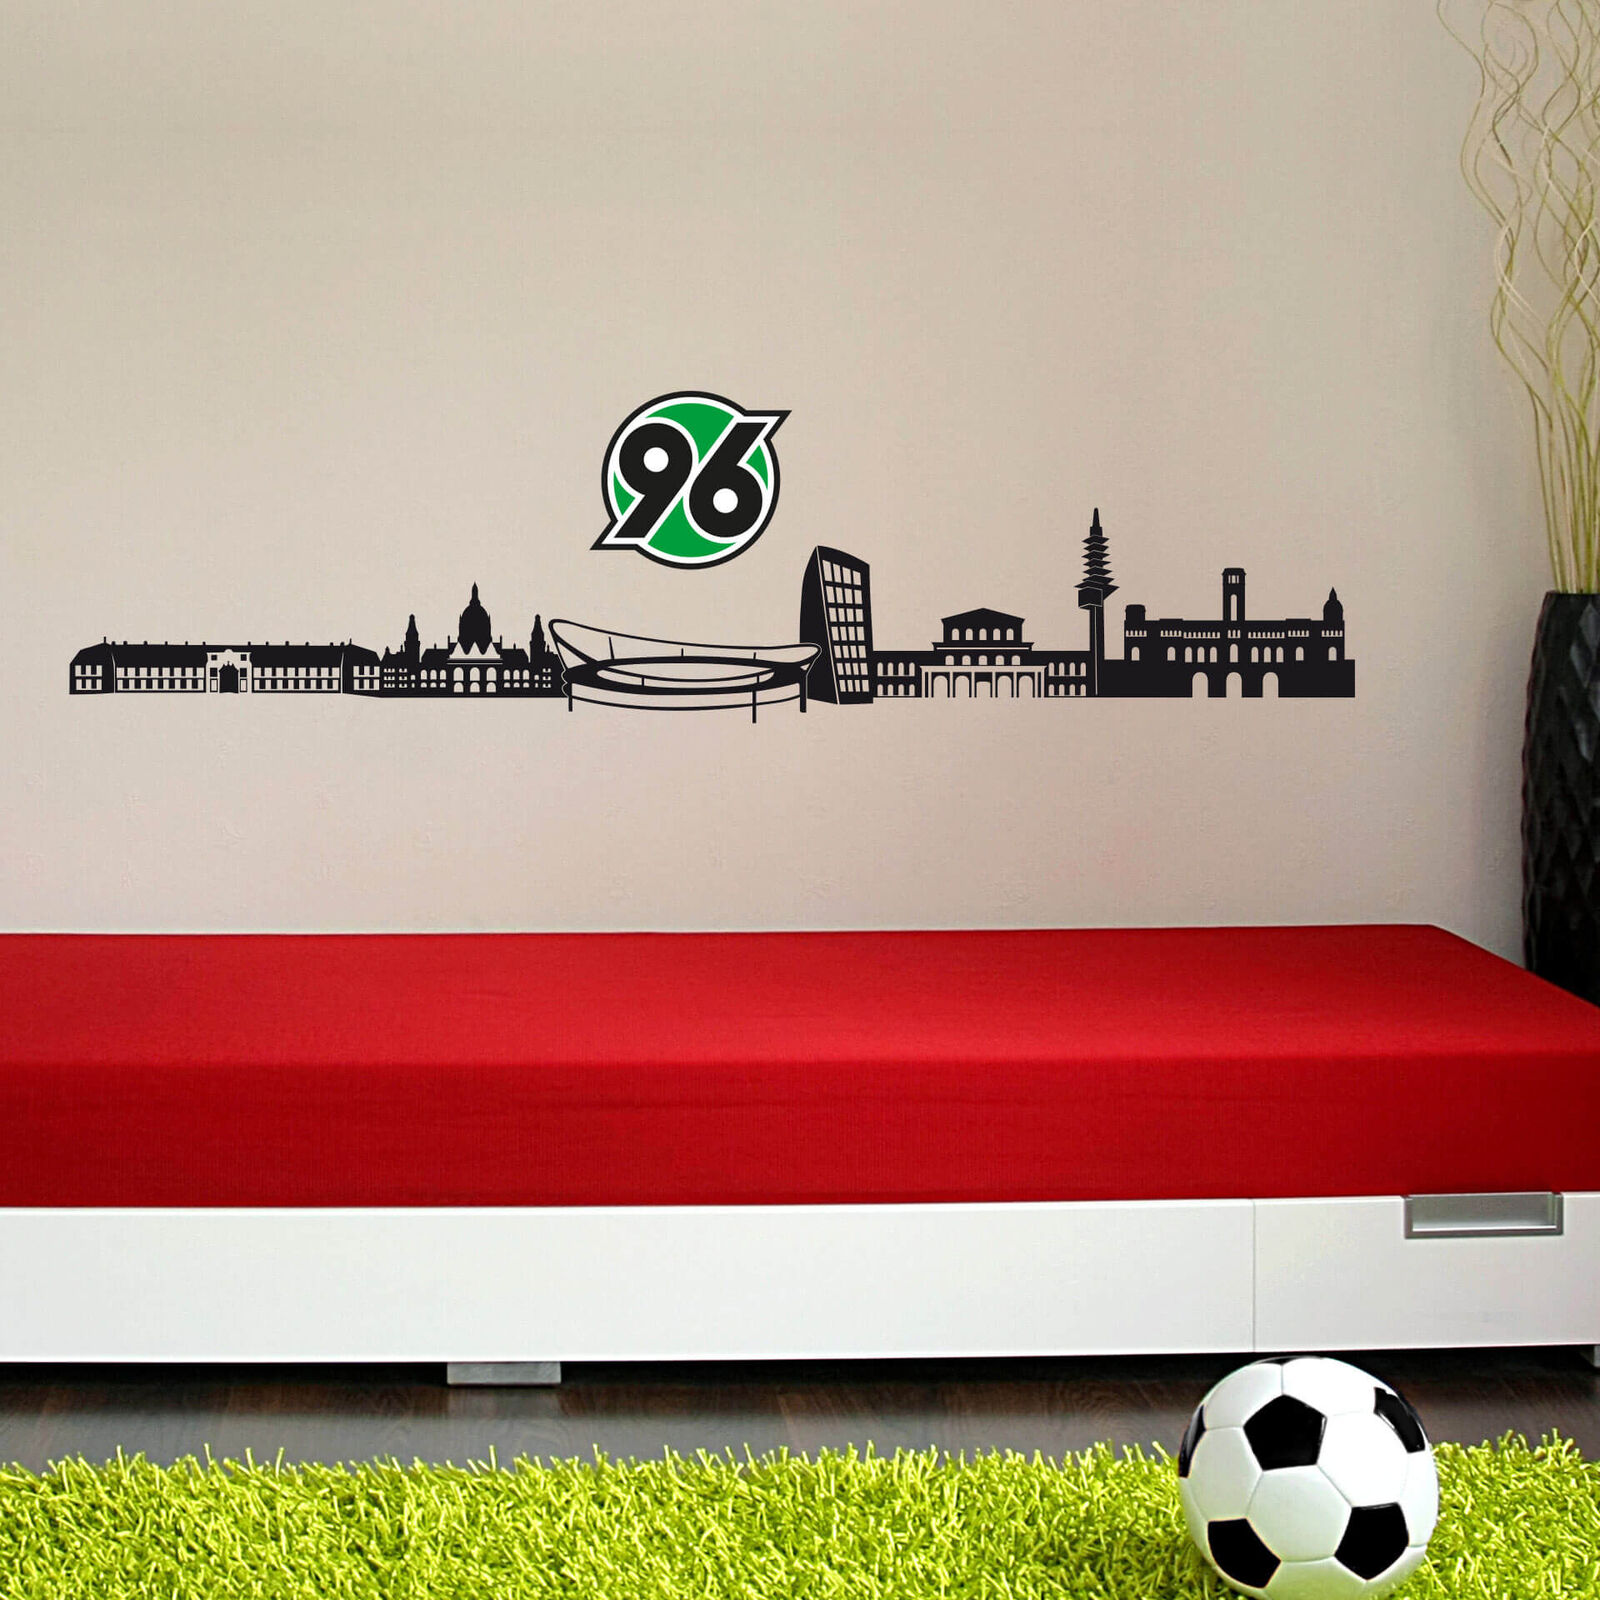 Wandtattoo Hannover 96 Skyline mit Logo farbig schwarz Wandbild Fußball 96